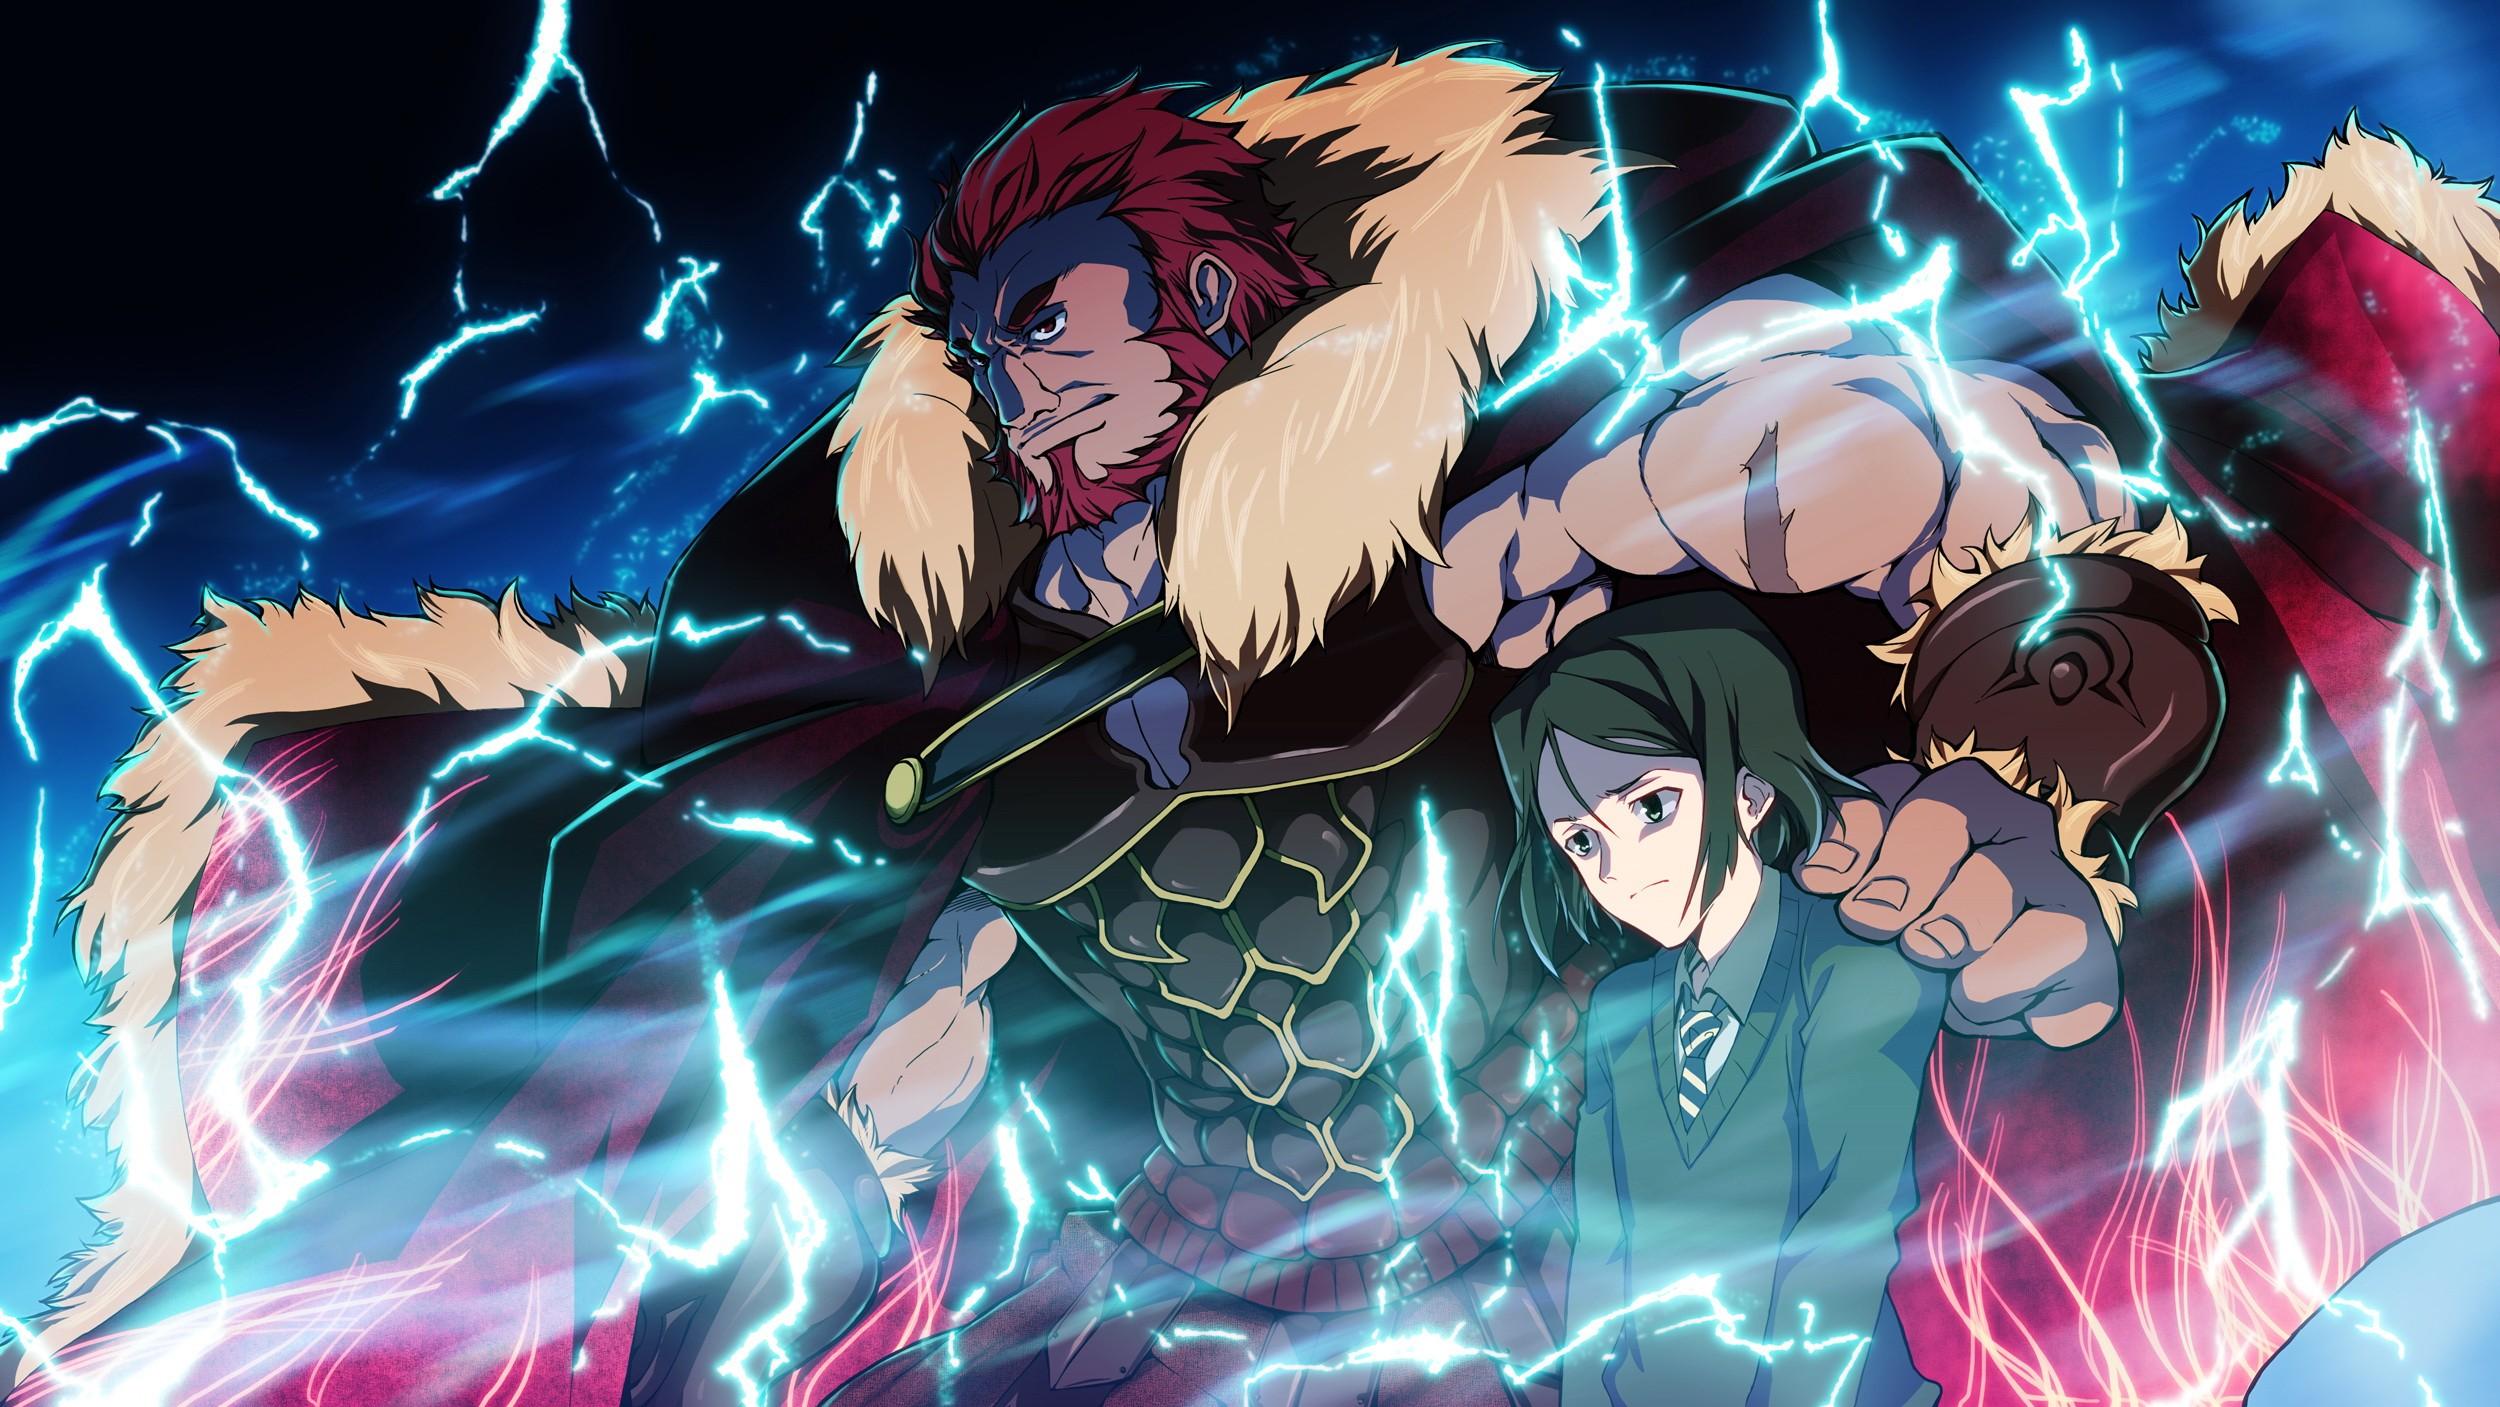 Wallpaper Anime Girls Fate Zero Fate Series Rider Fate Zero